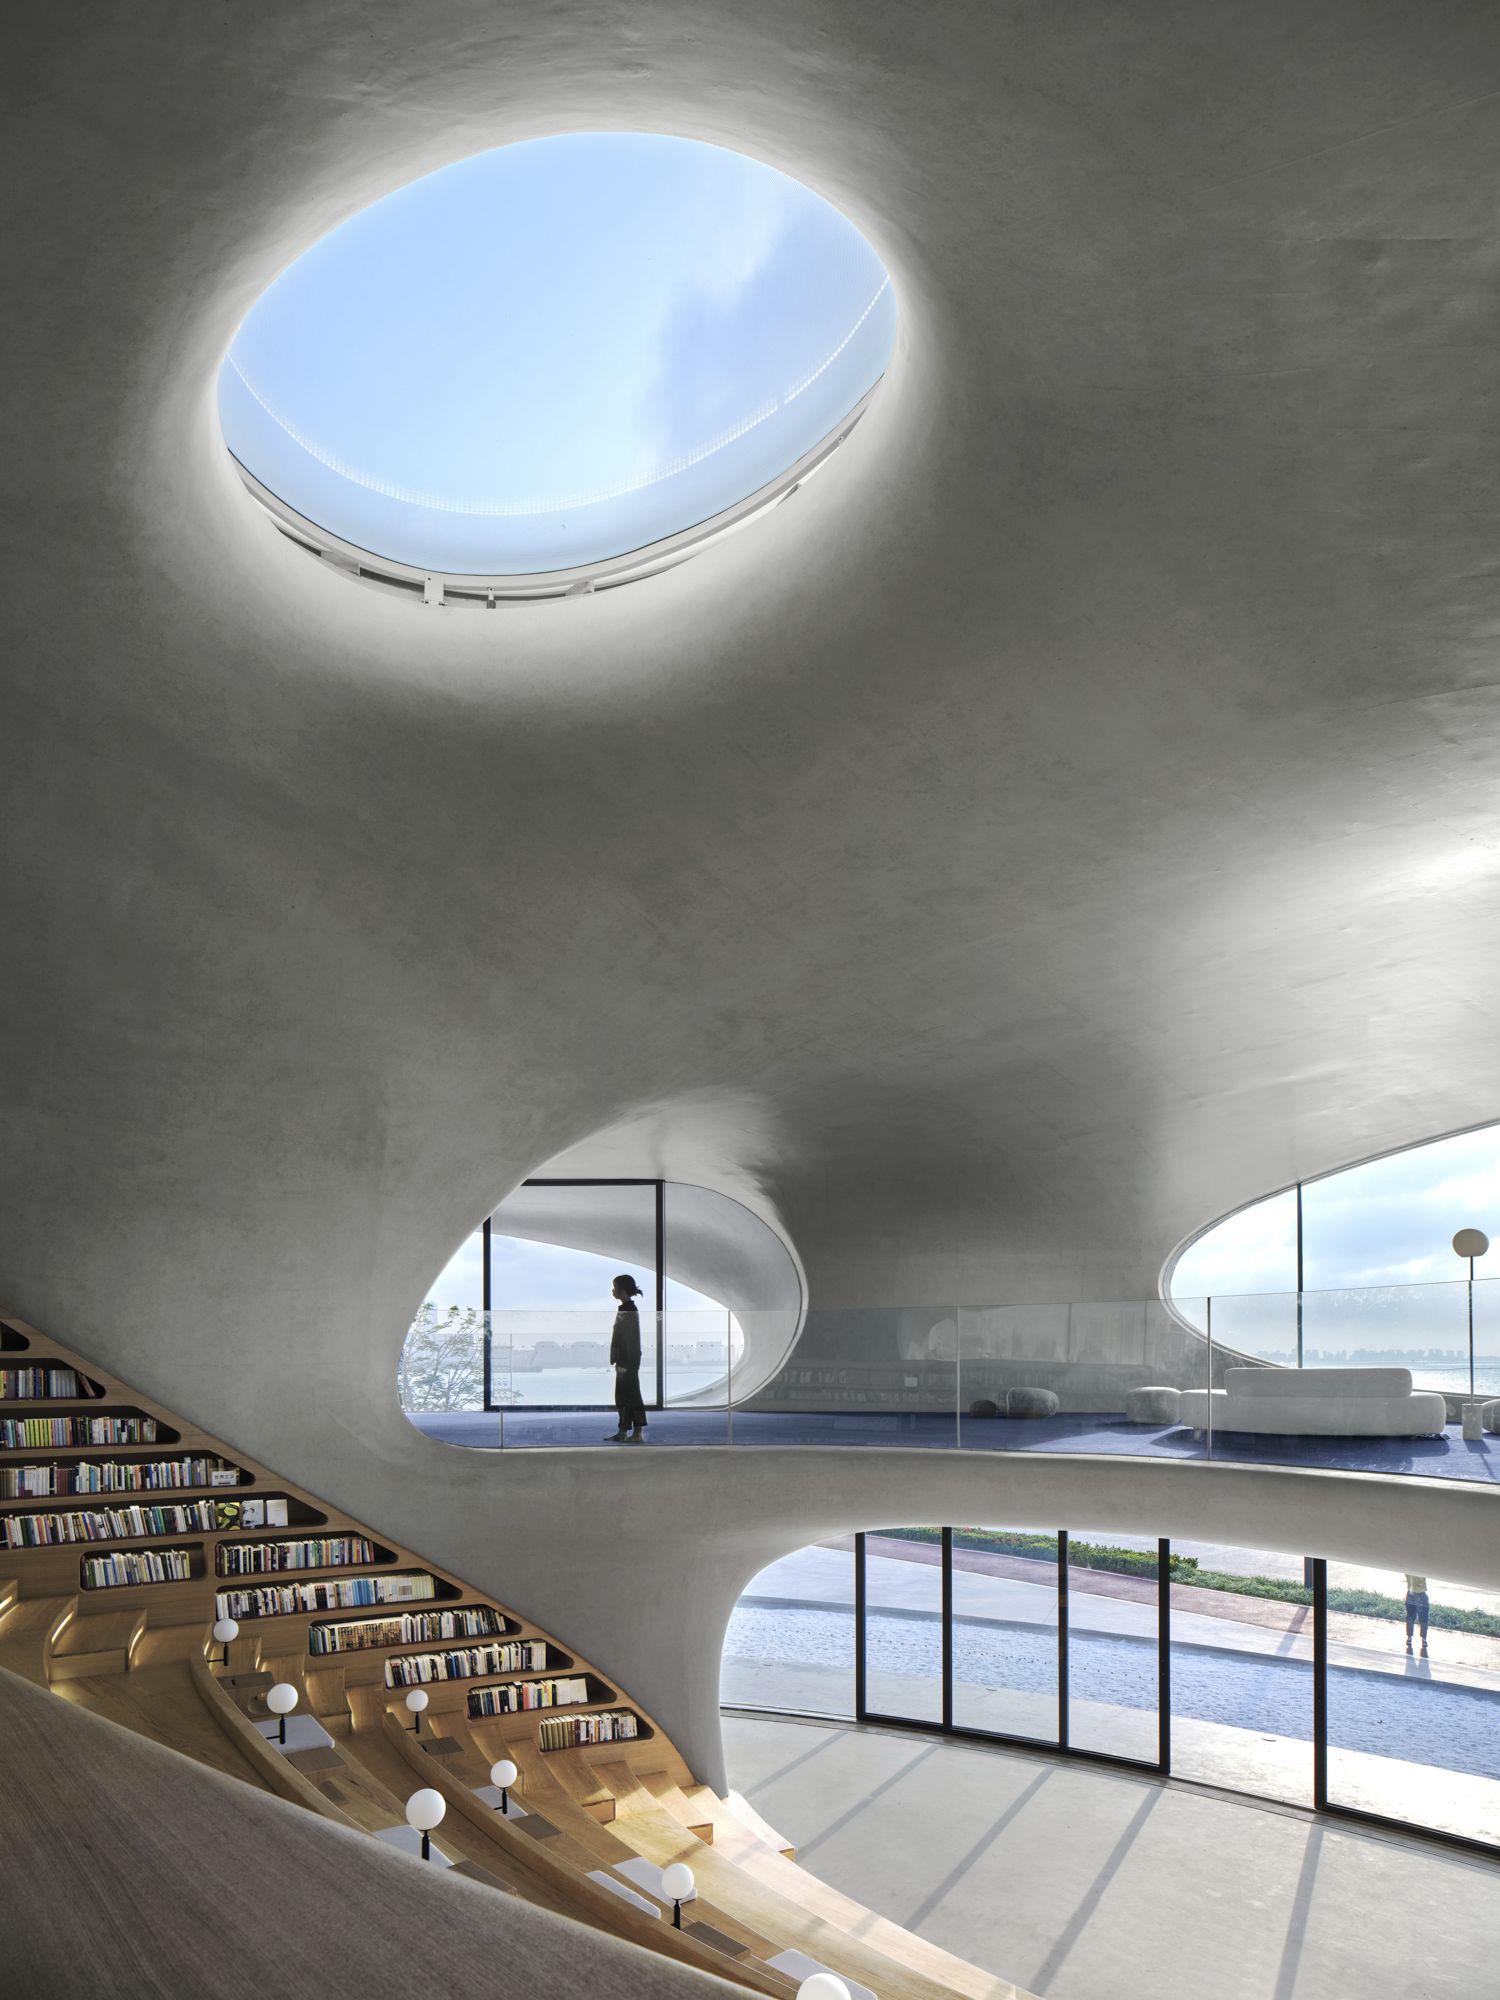 海口雲洞圖書館擁有獨特的城市公共與文化空間。 MAD_The Cloudscape of Haikou_by Archexist